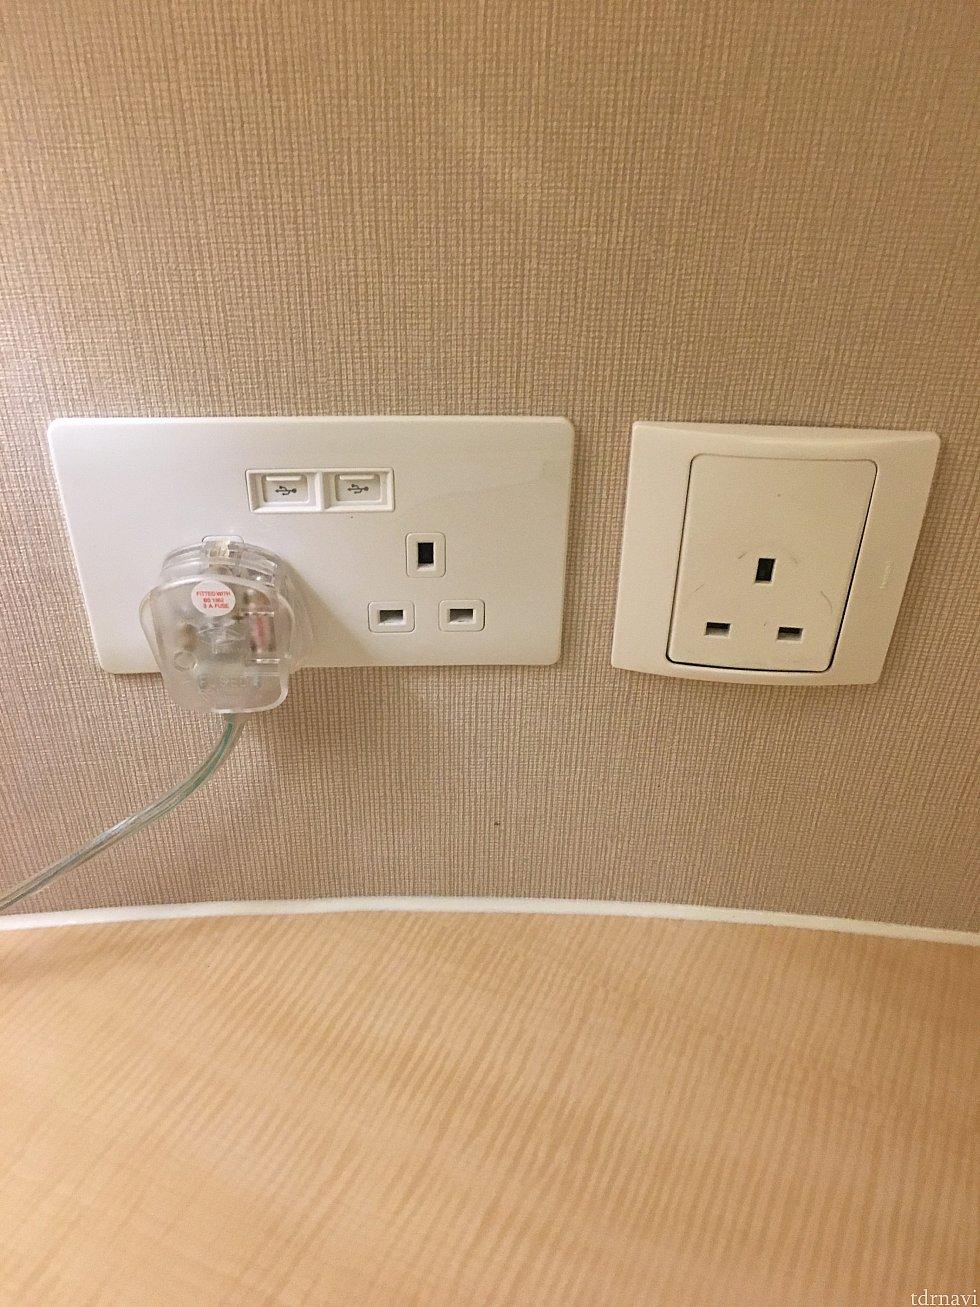 充電が鬼のようにあります。USBから充電できるから便利ですね